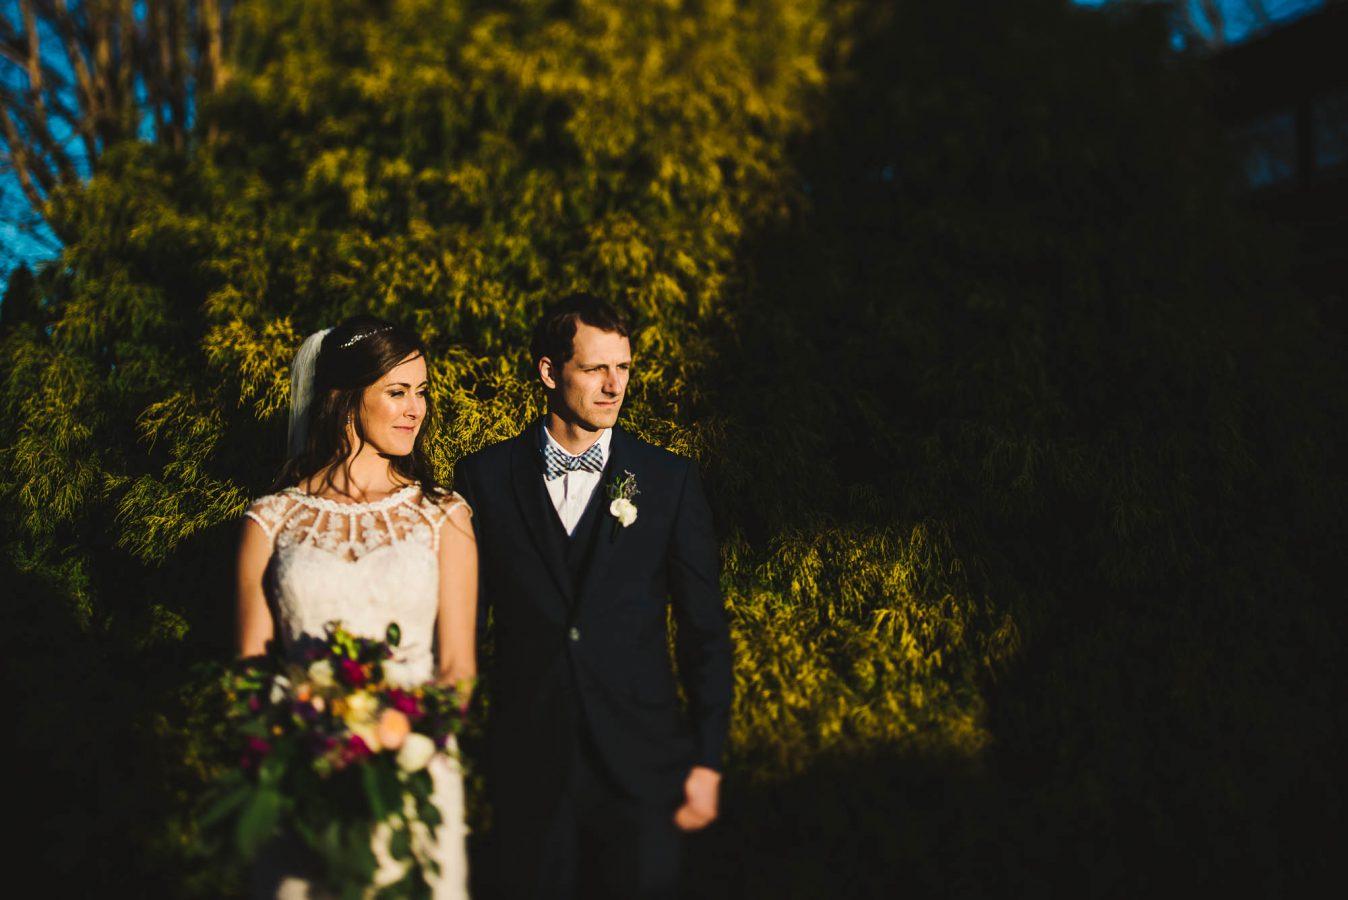 asheville-wedding-photographers-mar-2018-02